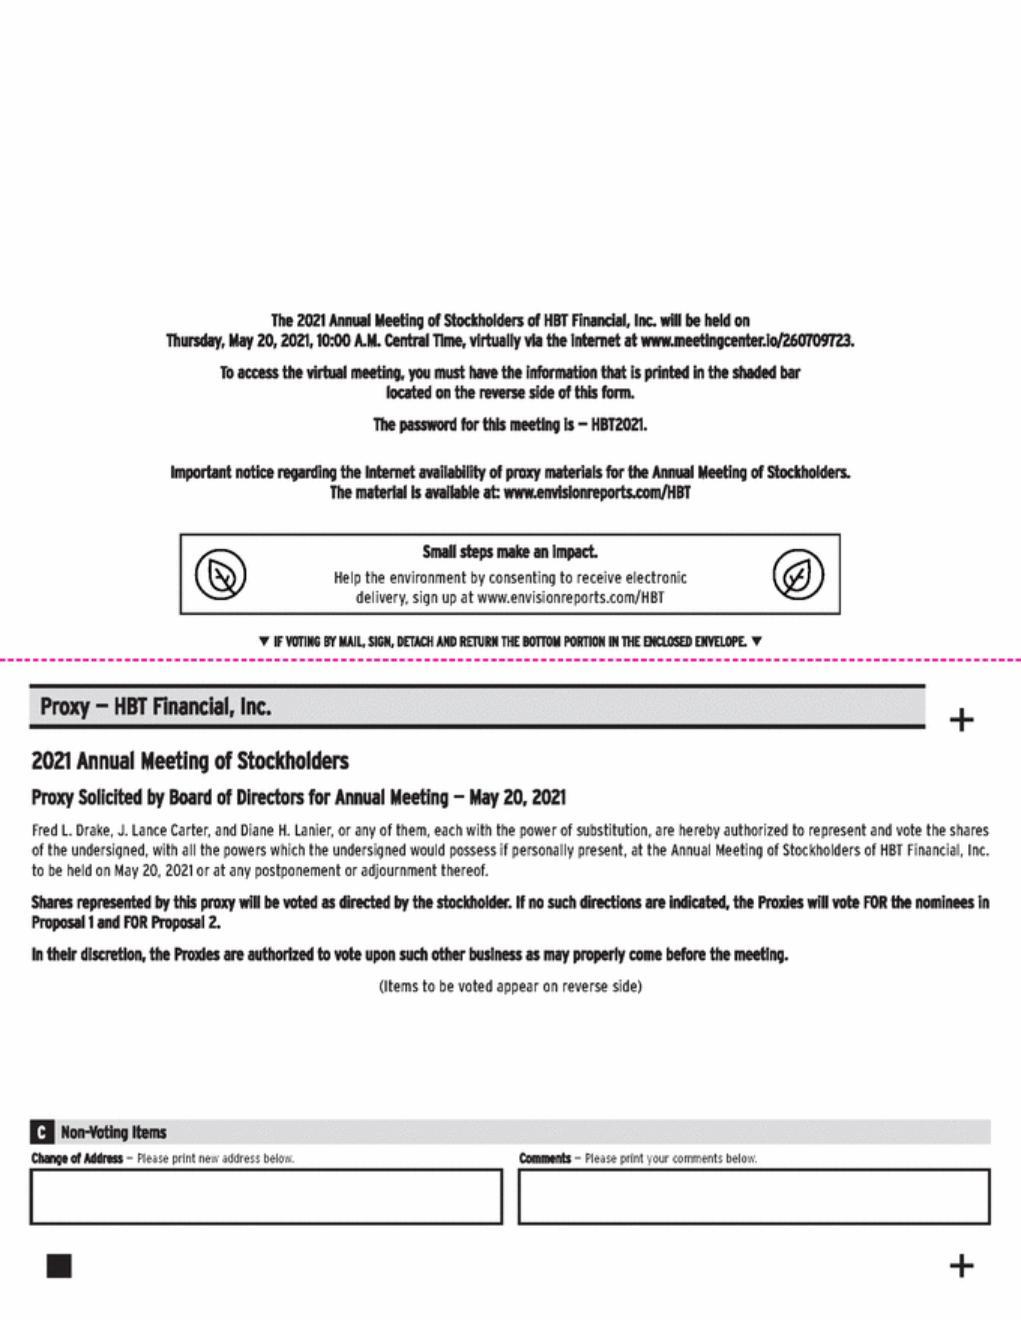 https://cdn.kscope.io/43de7258069fe229e85b1e9840798382-Doc1_02453757_page_2.gif